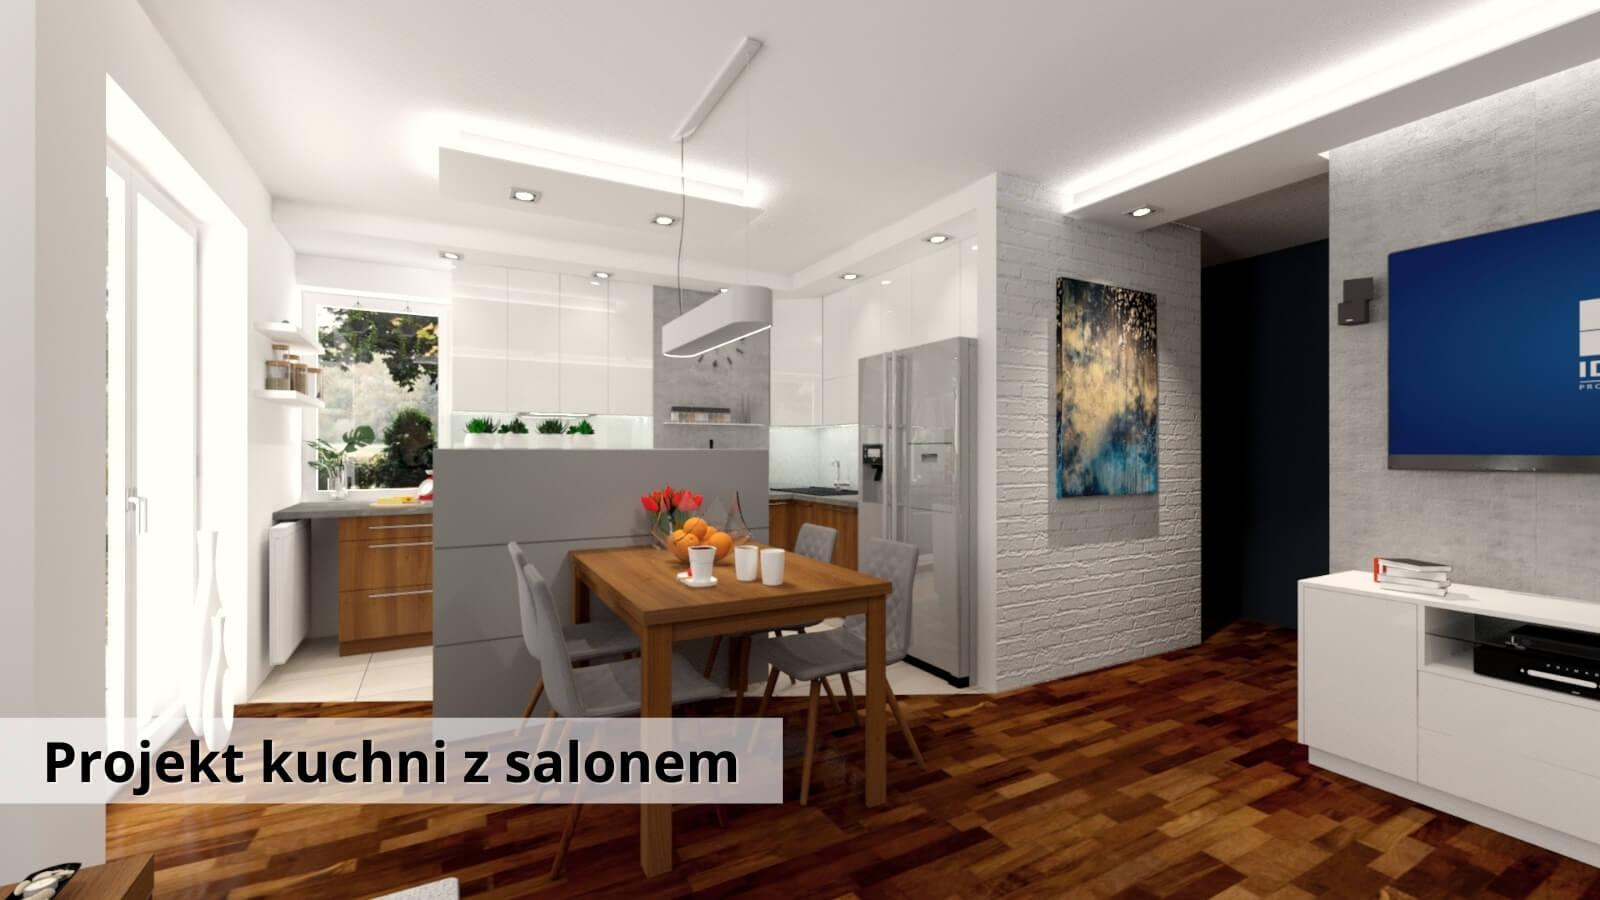 Aranżacja Kuchni z salonem